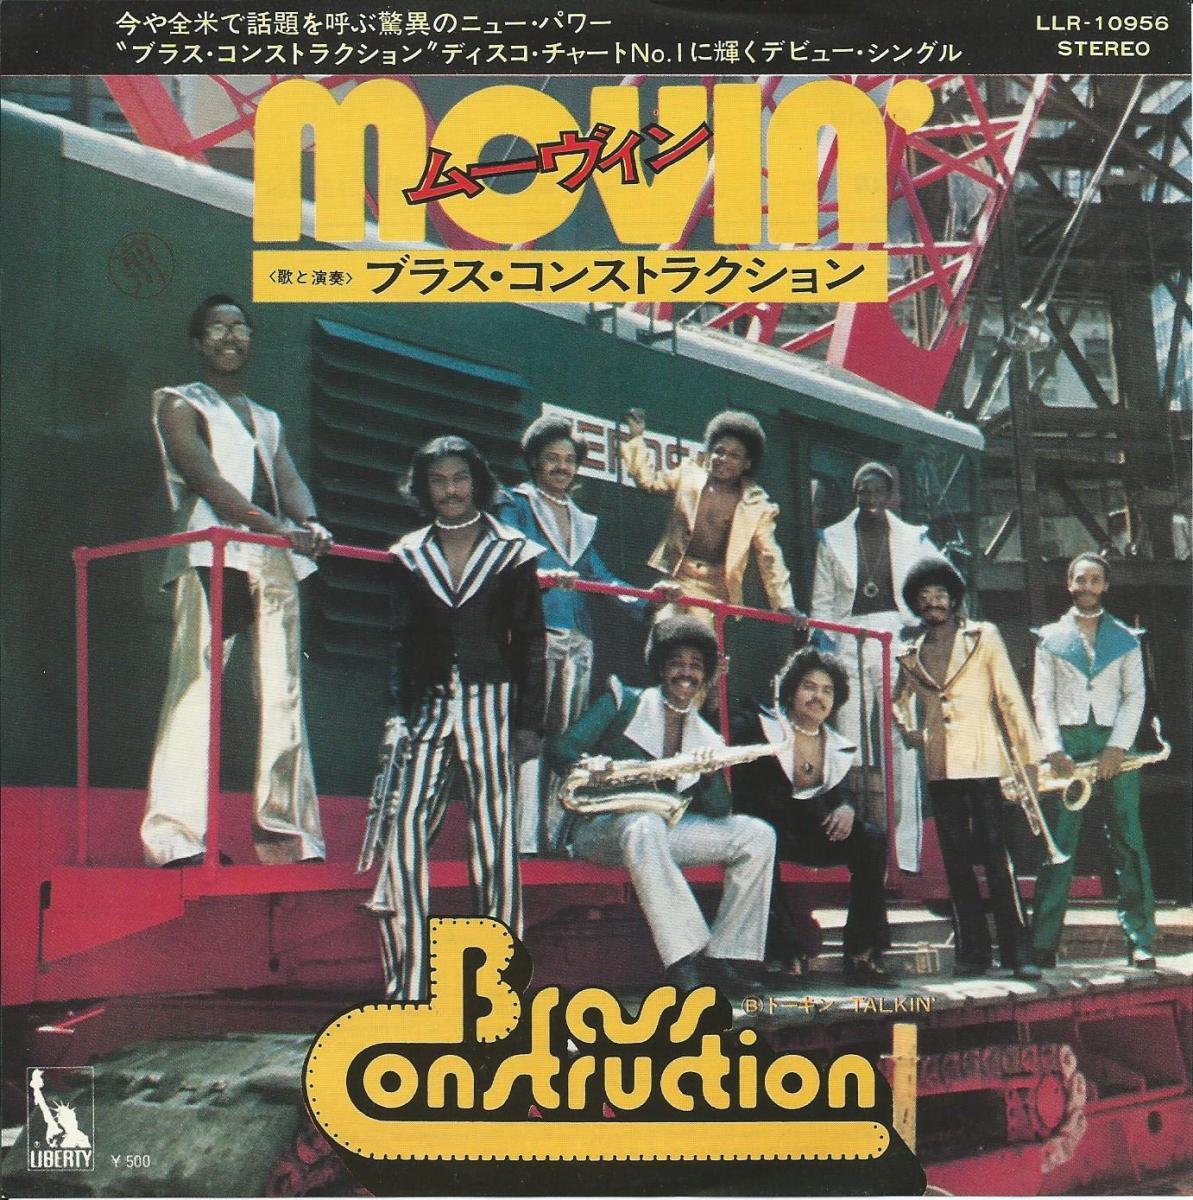 ブラス・コンストラクション BRASS CONSTRUCTION / ムーヴィン MOVIN' (7